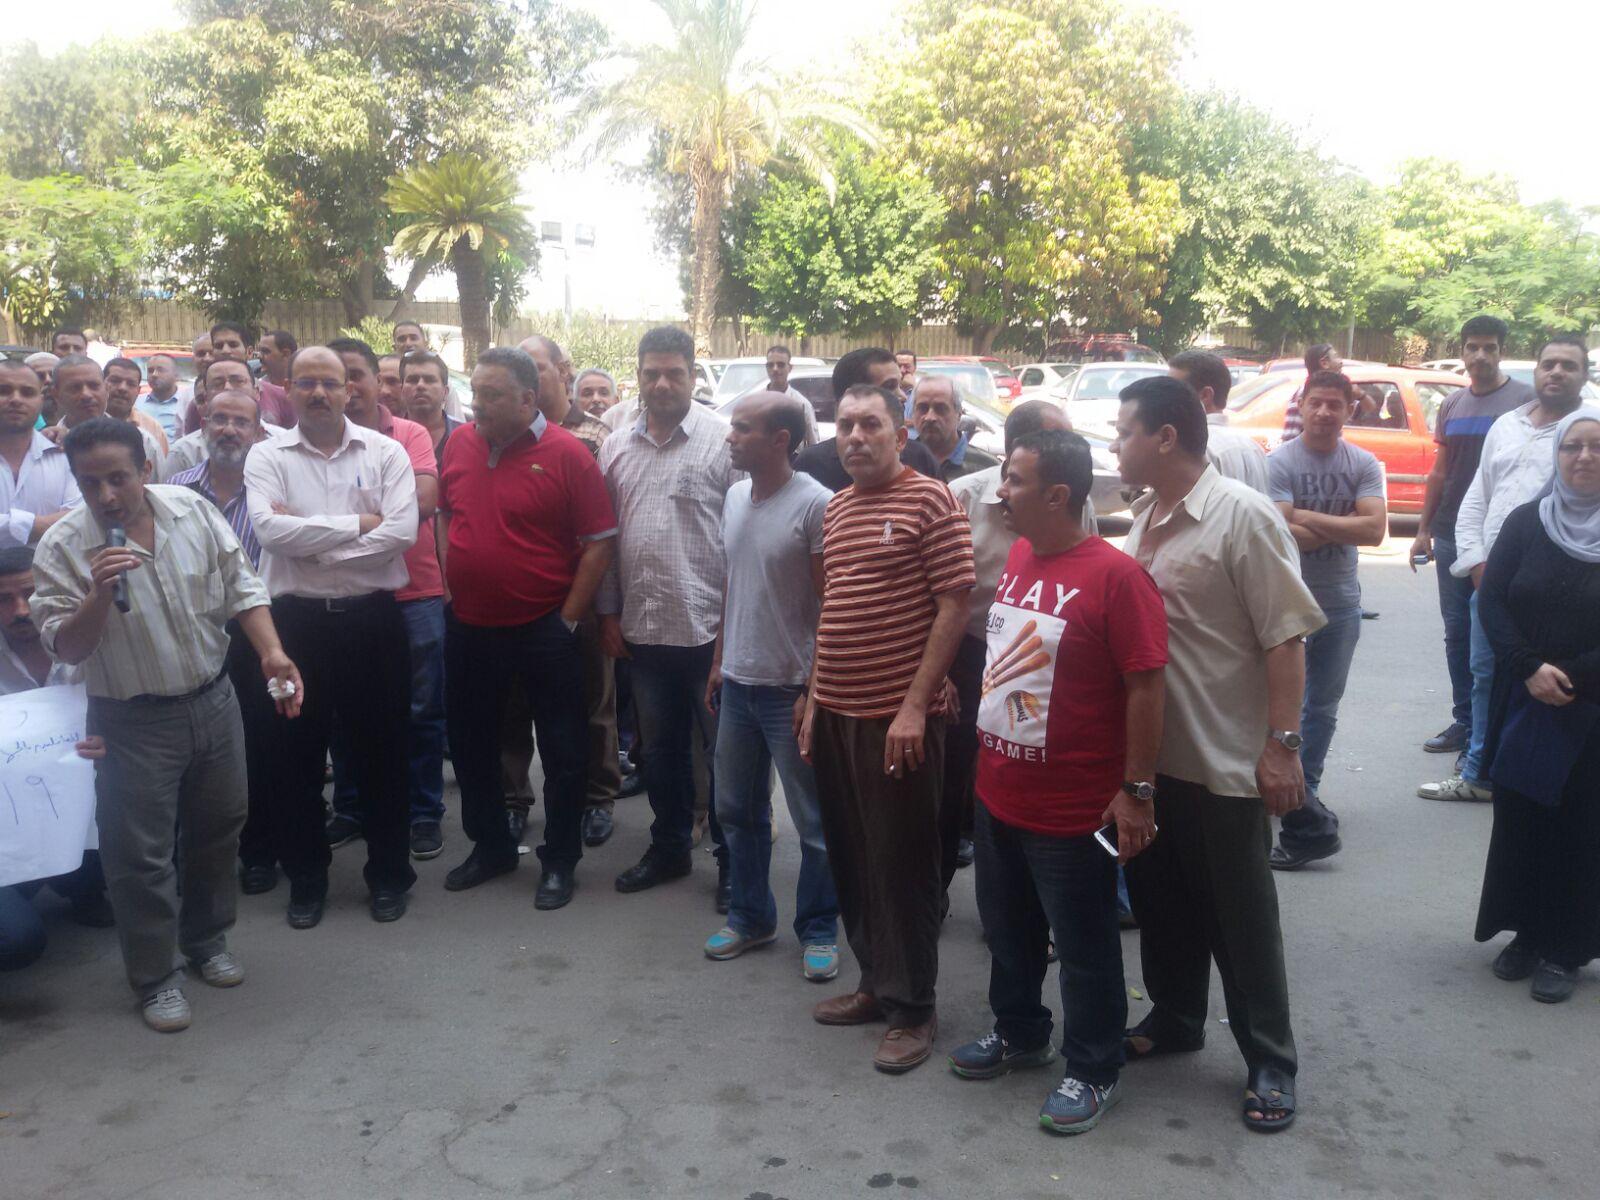 تظاهر العاملين بـ«التنظيم والإدارة» ضد إشراف وزير التخطيط على الجهاز: « ارحل يا عربي»